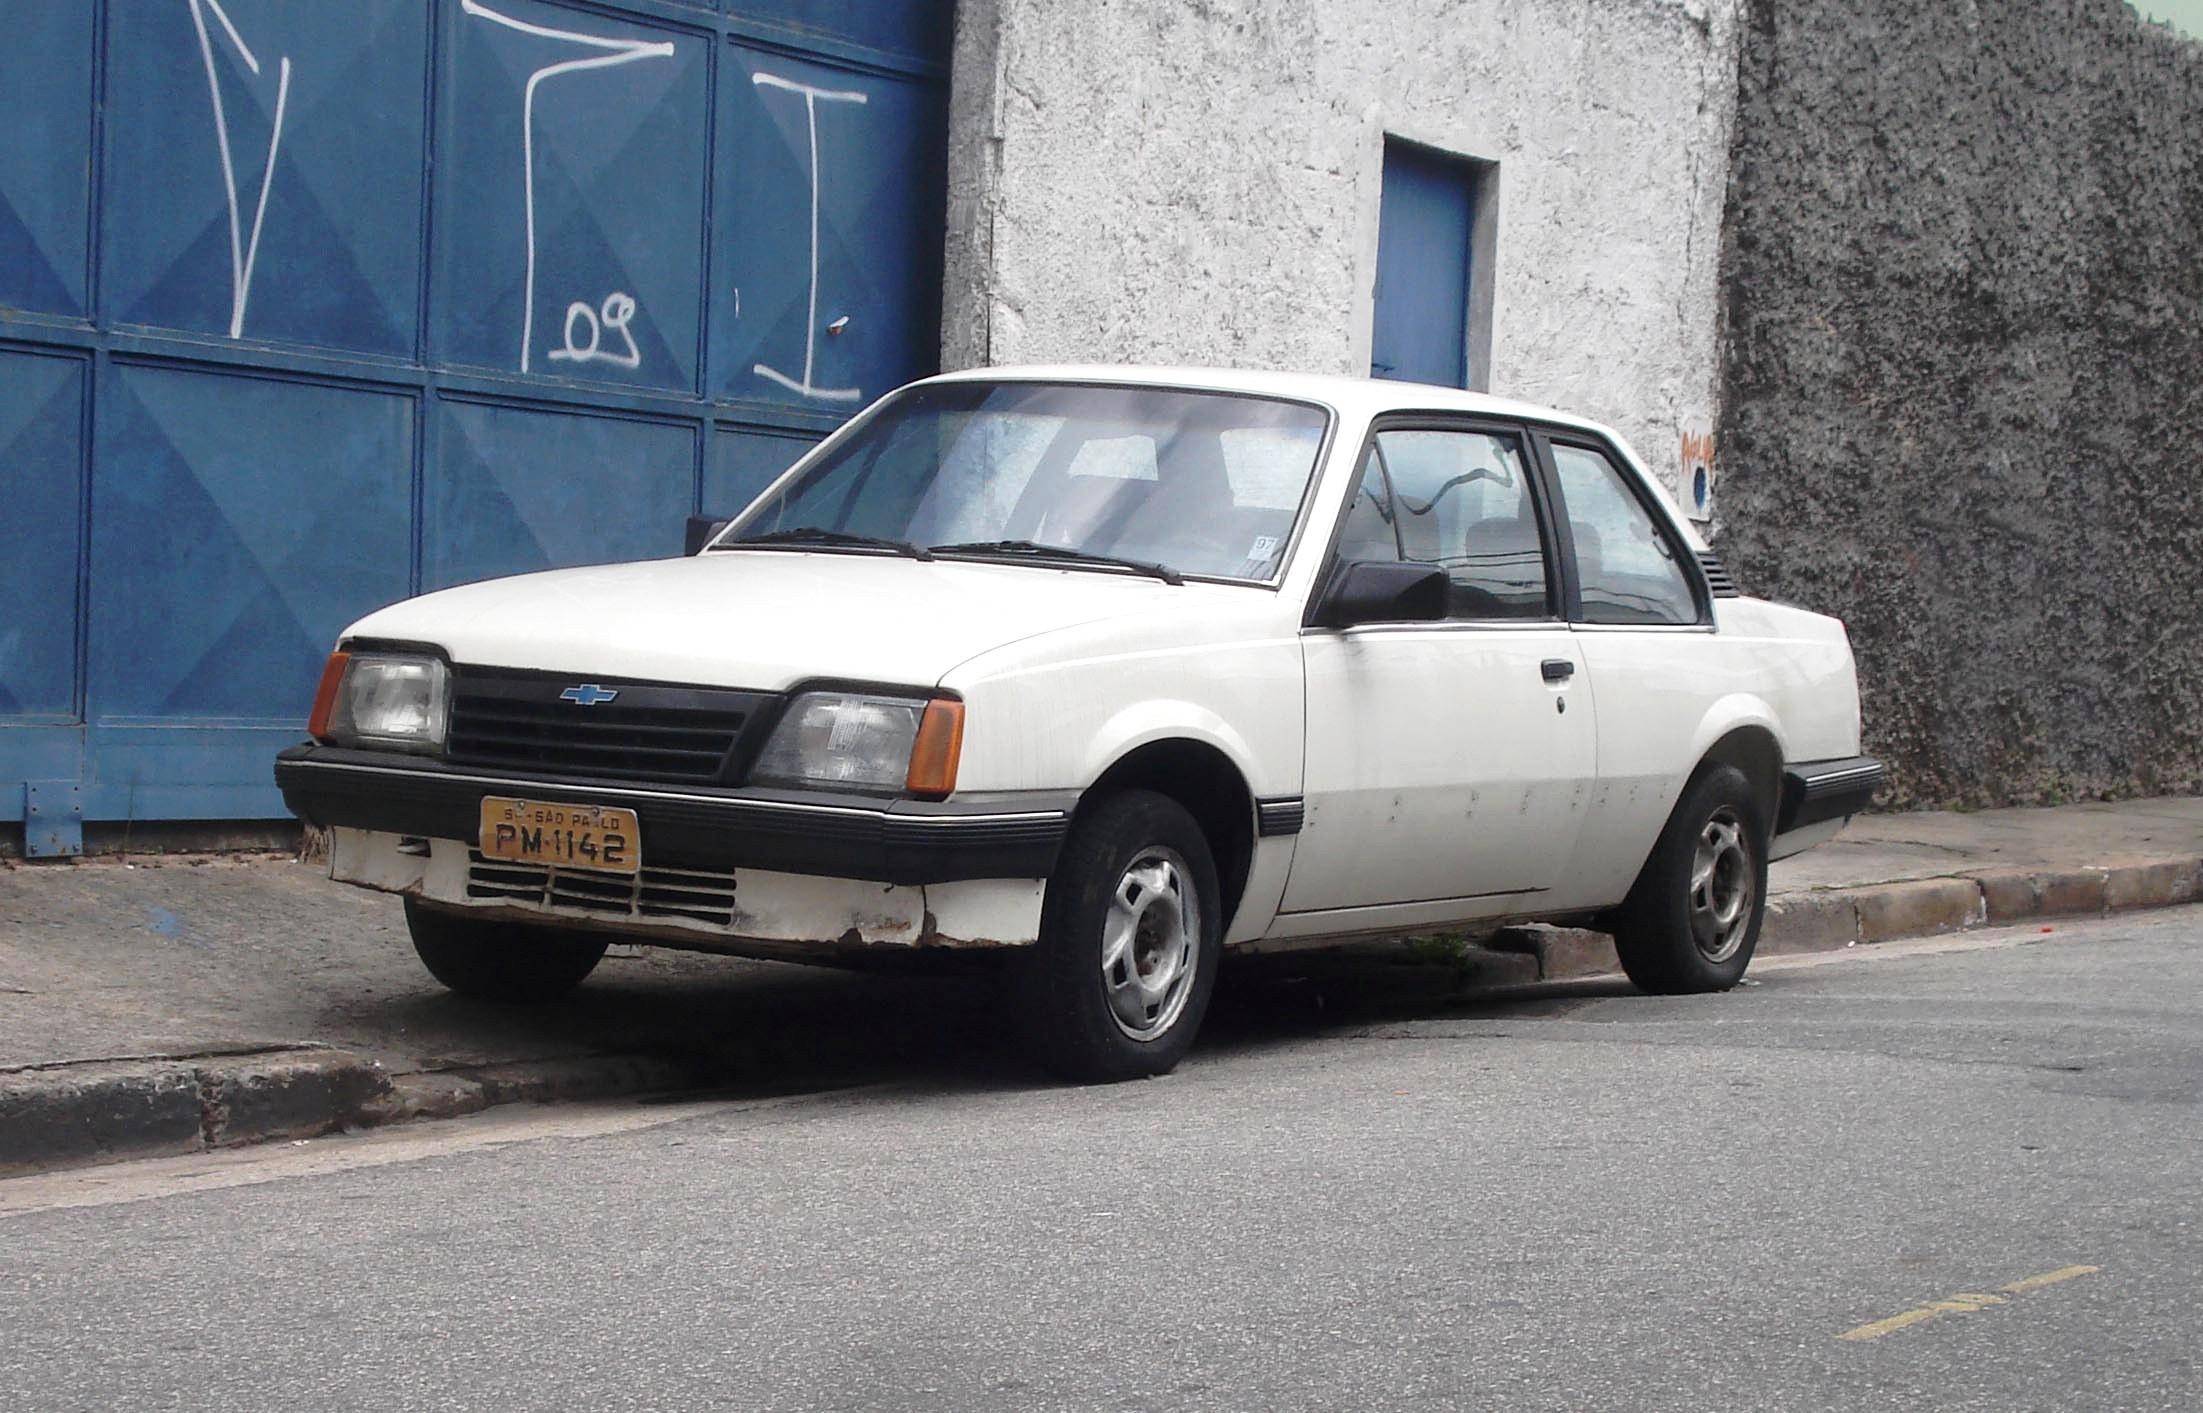 uezio_monza-plc-am_spaulo_sp Chevrolet Monza